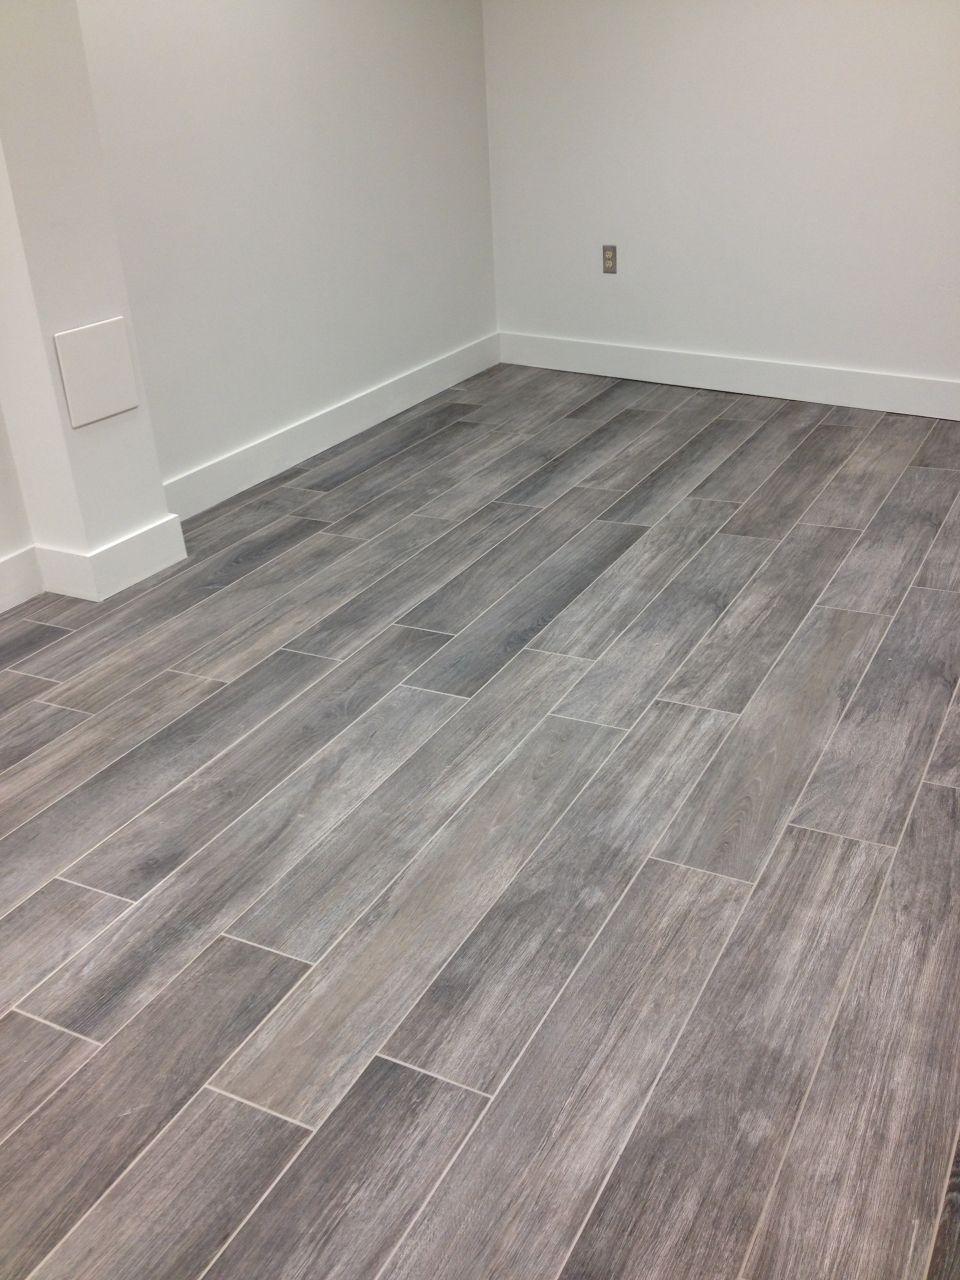 wood tile flooring gray wood tile floor no3lcd6n8 GASNIFZ